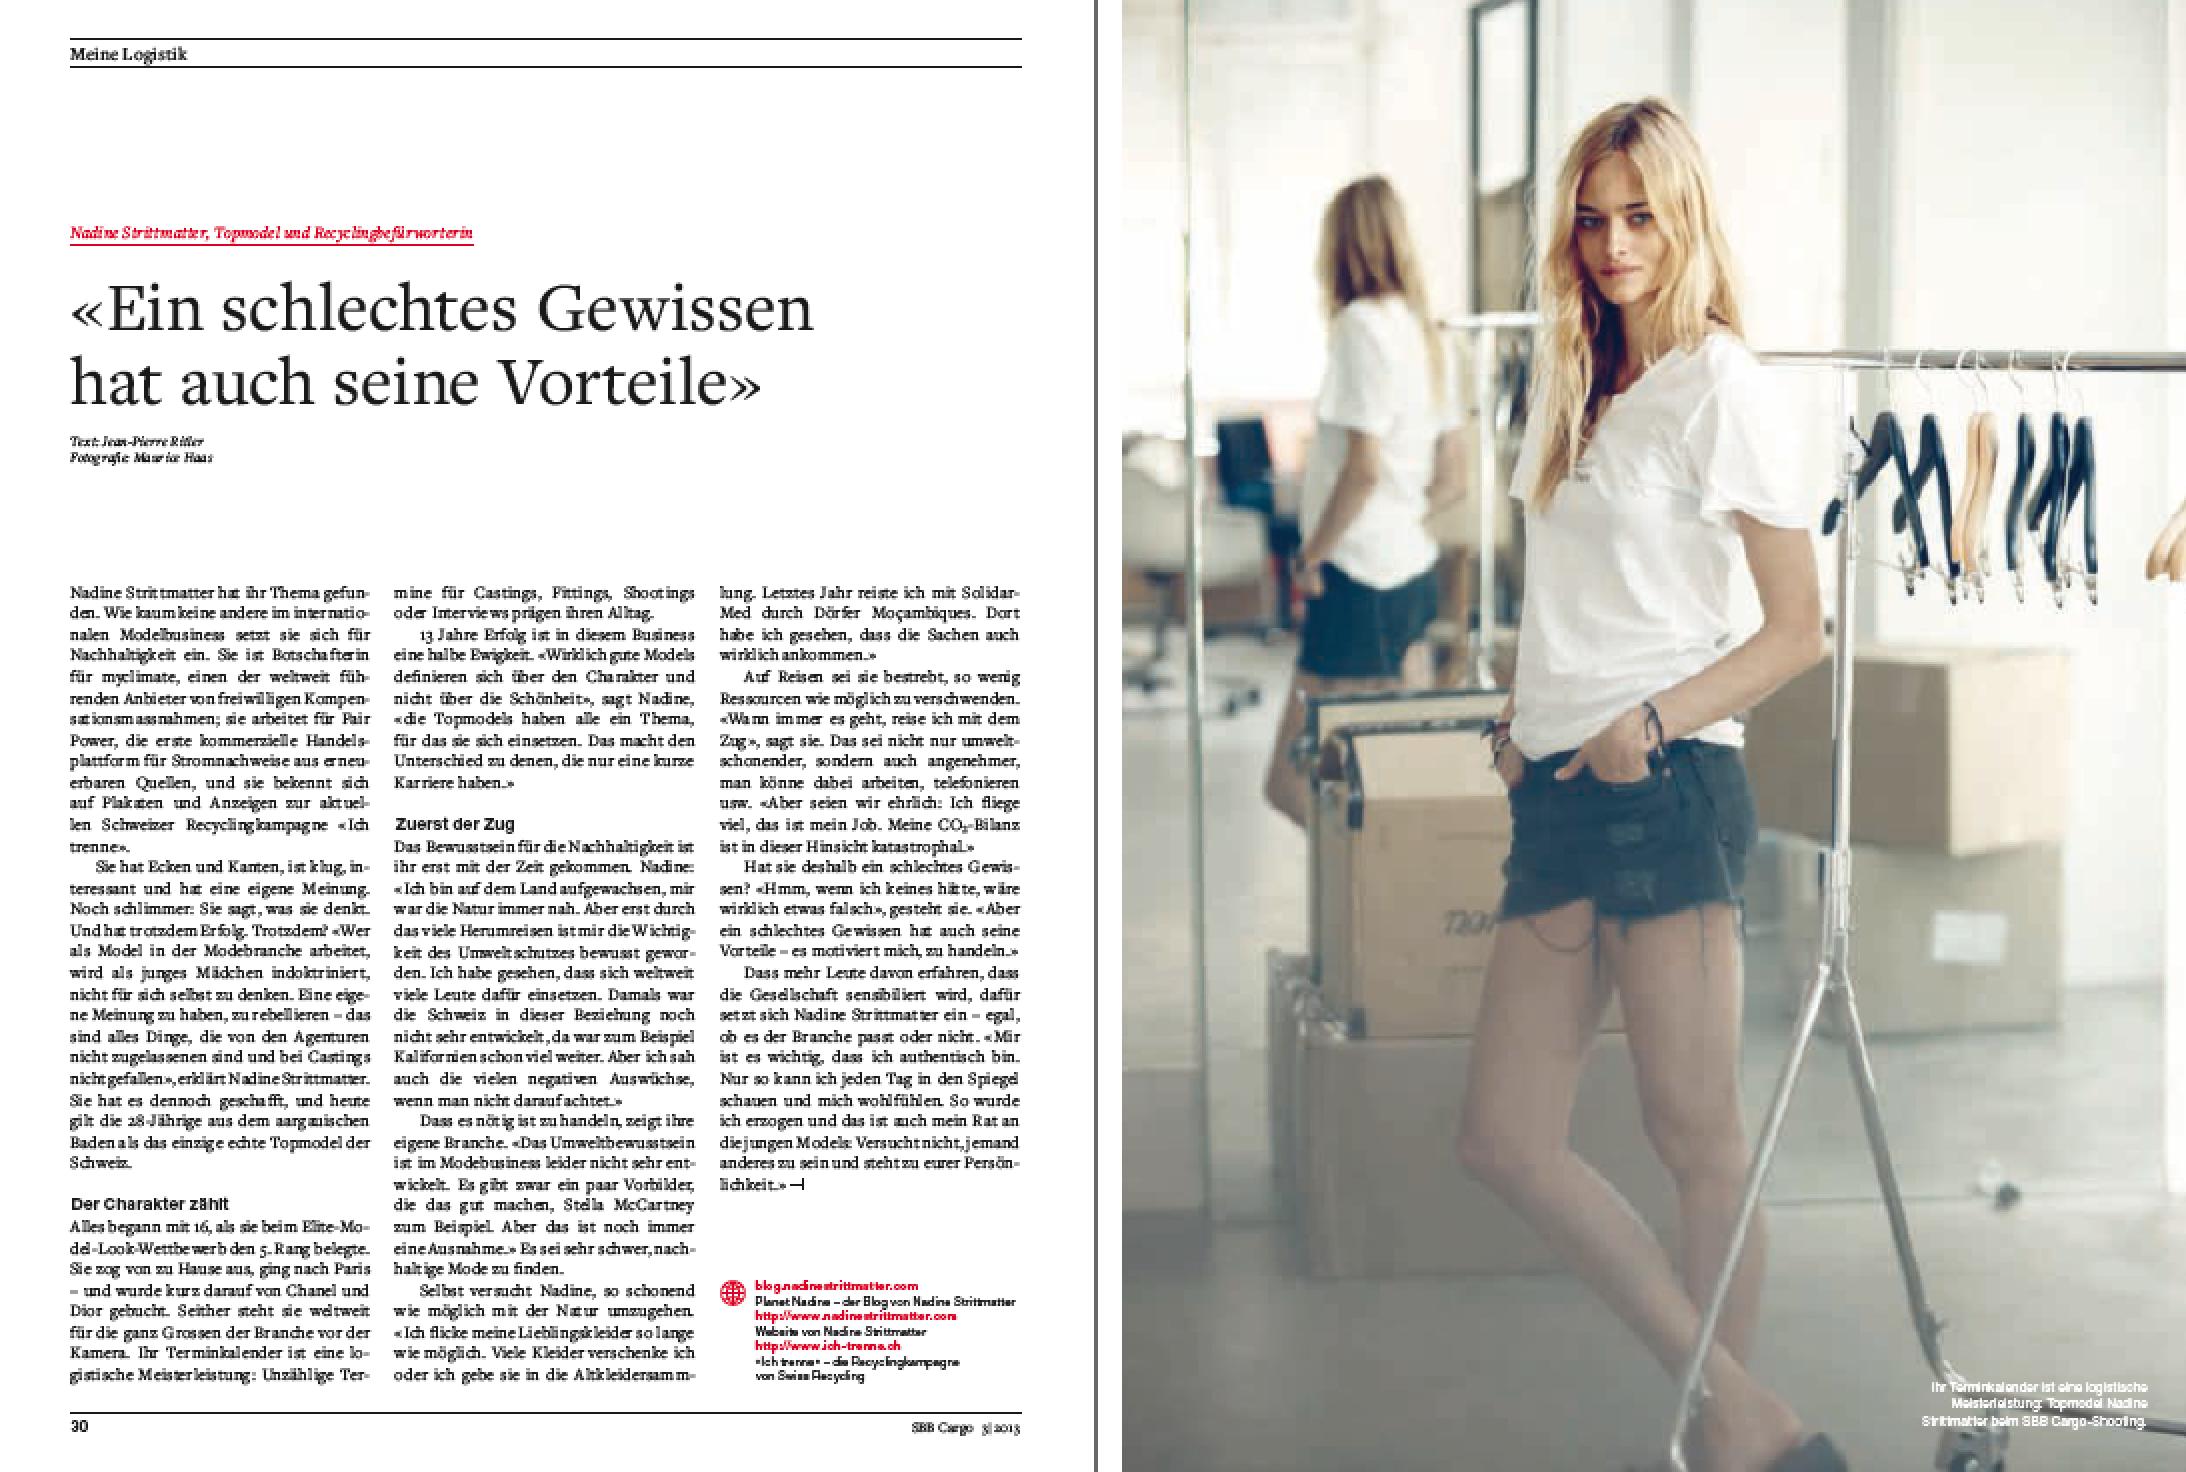 Das kleine Porträt über Nadine Stritmatter (PDF)